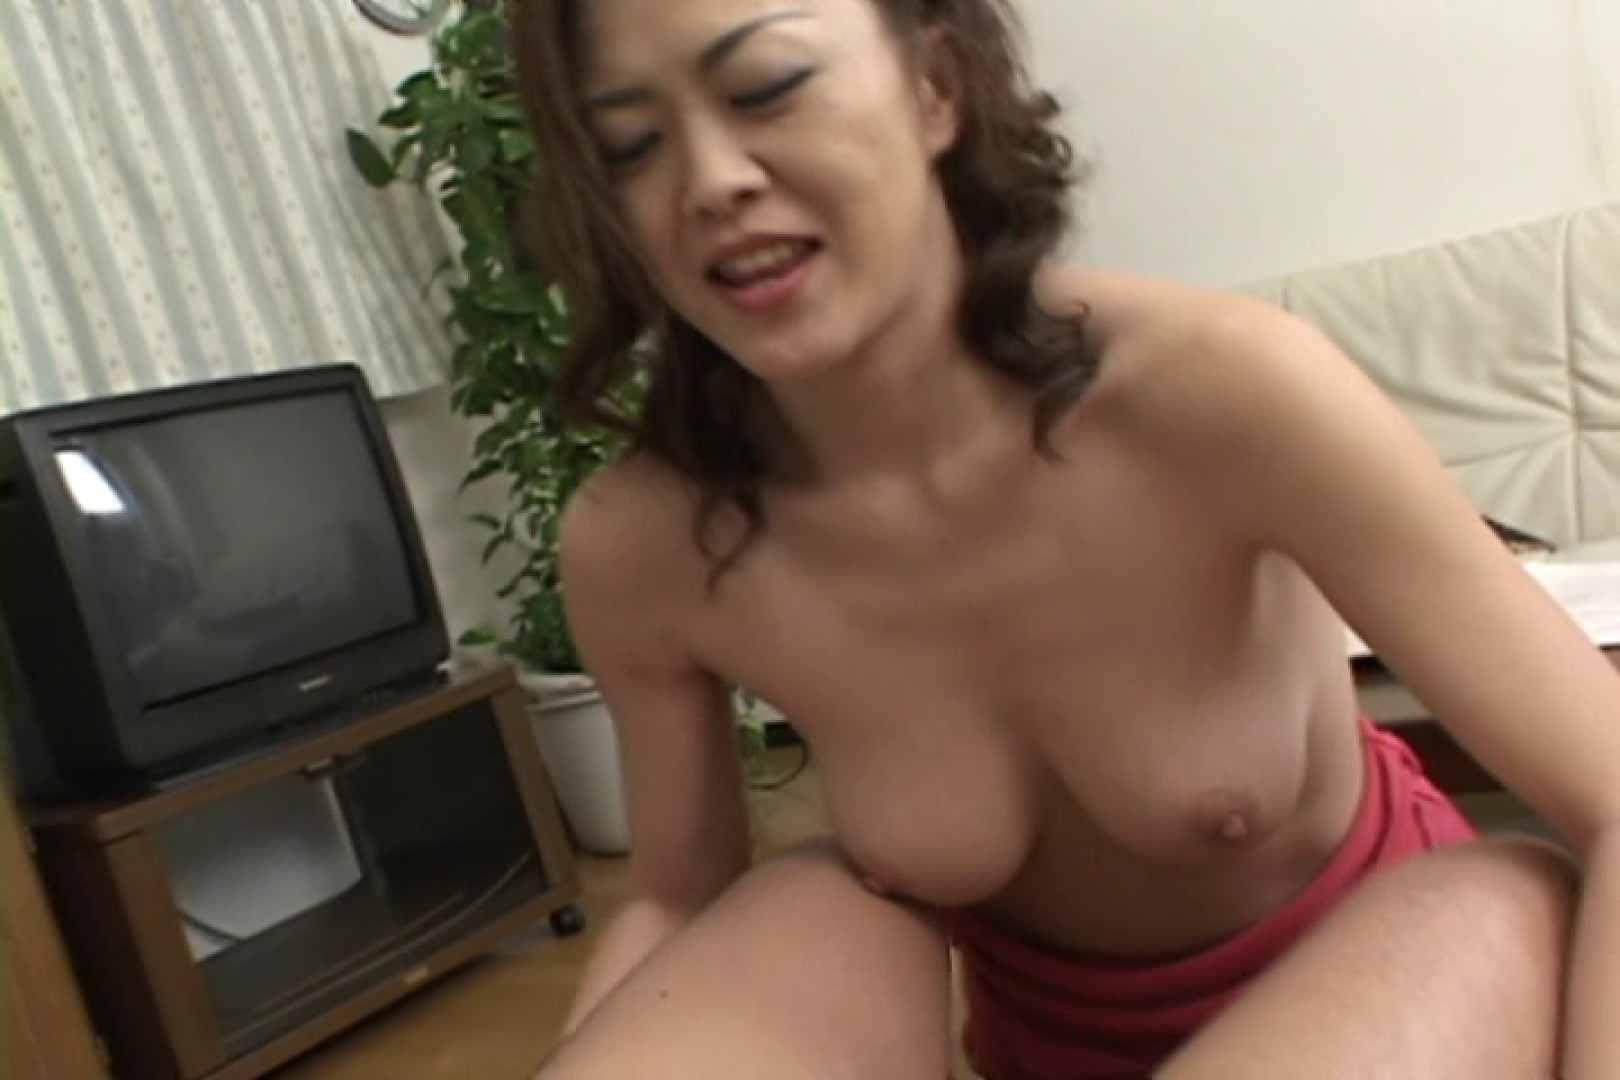 昼間の奥様は欲求不満 ~桜田ゆかり~ 淫乱   巨乳炸裂  108枚 93